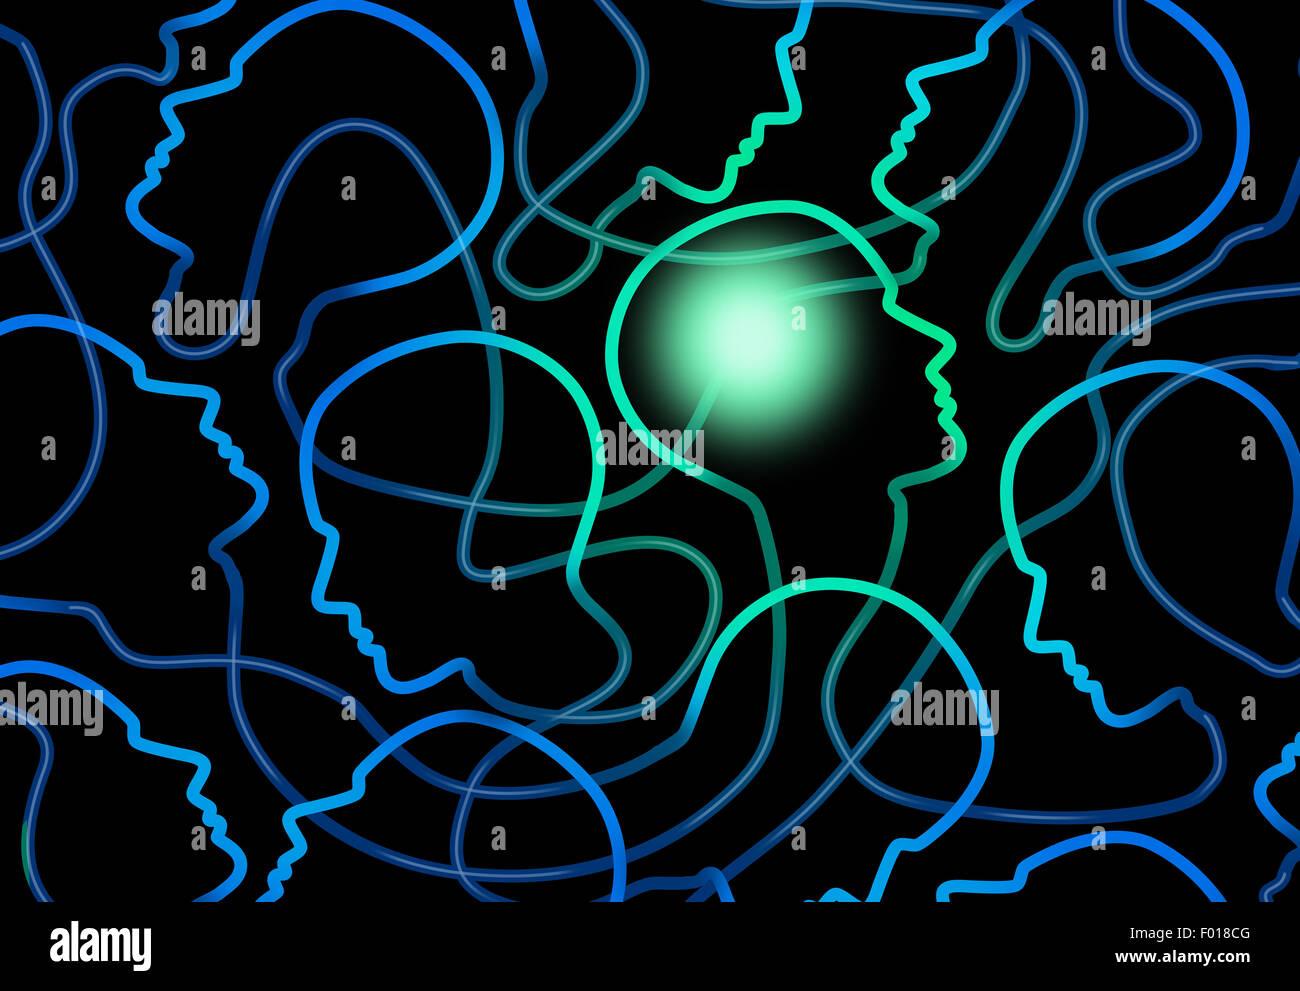 Concepto de psicología social como un grupo de iconos de la red de personas conectadas con un individuo cerebro Imagen De Stock